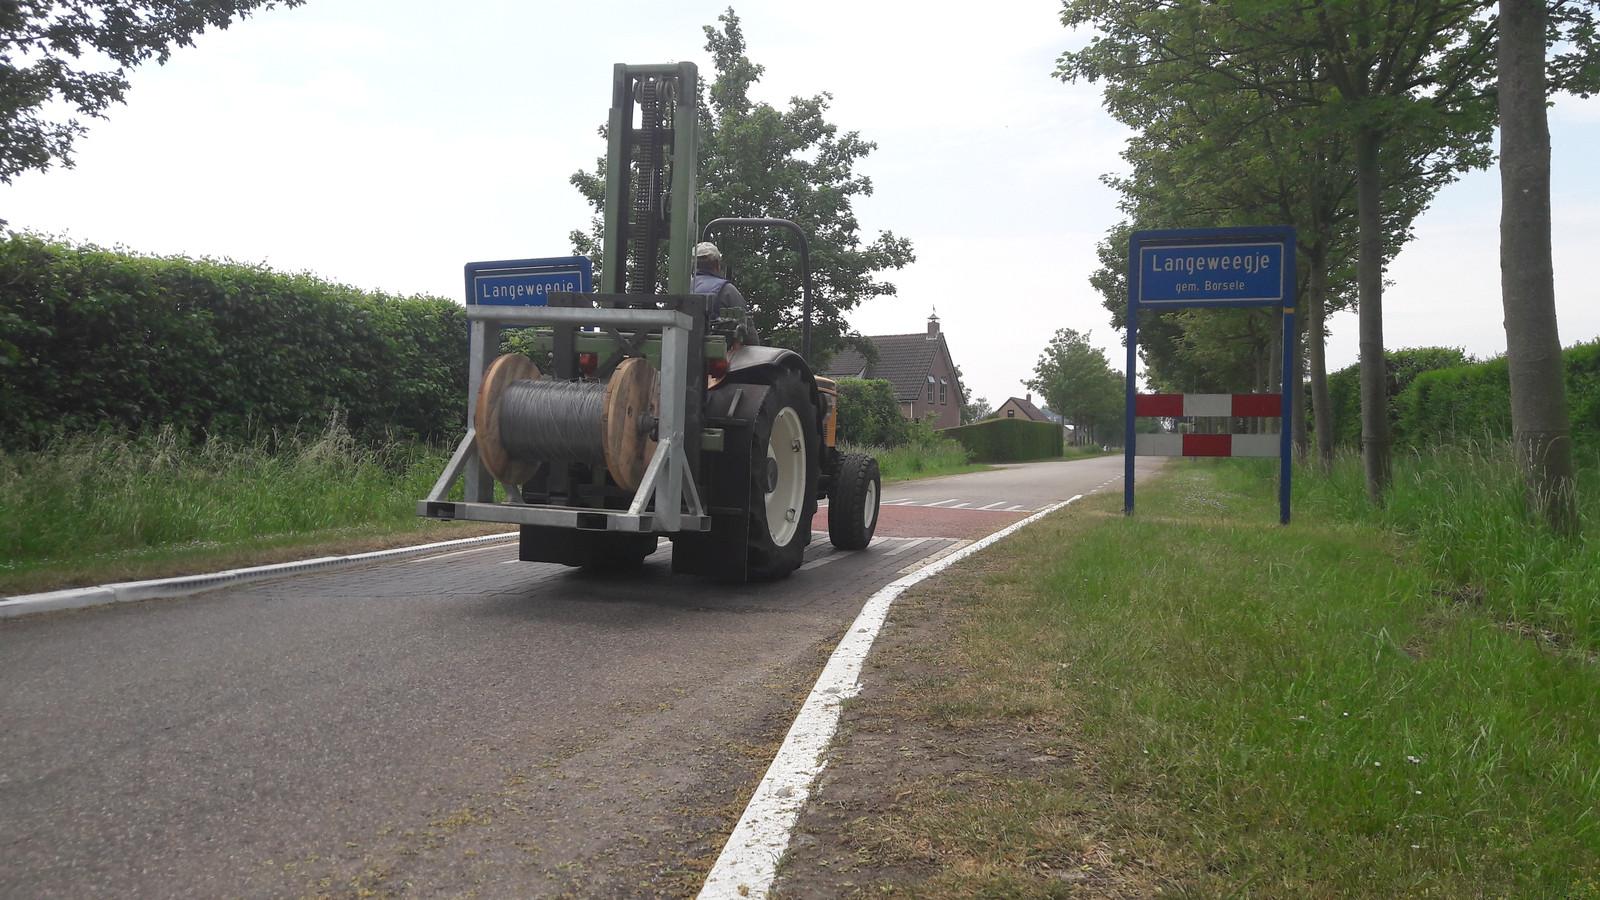 Het verkeer rijdt nu nog dwars door Langeweegje, maar in de toekomst is dat wellicht anders.